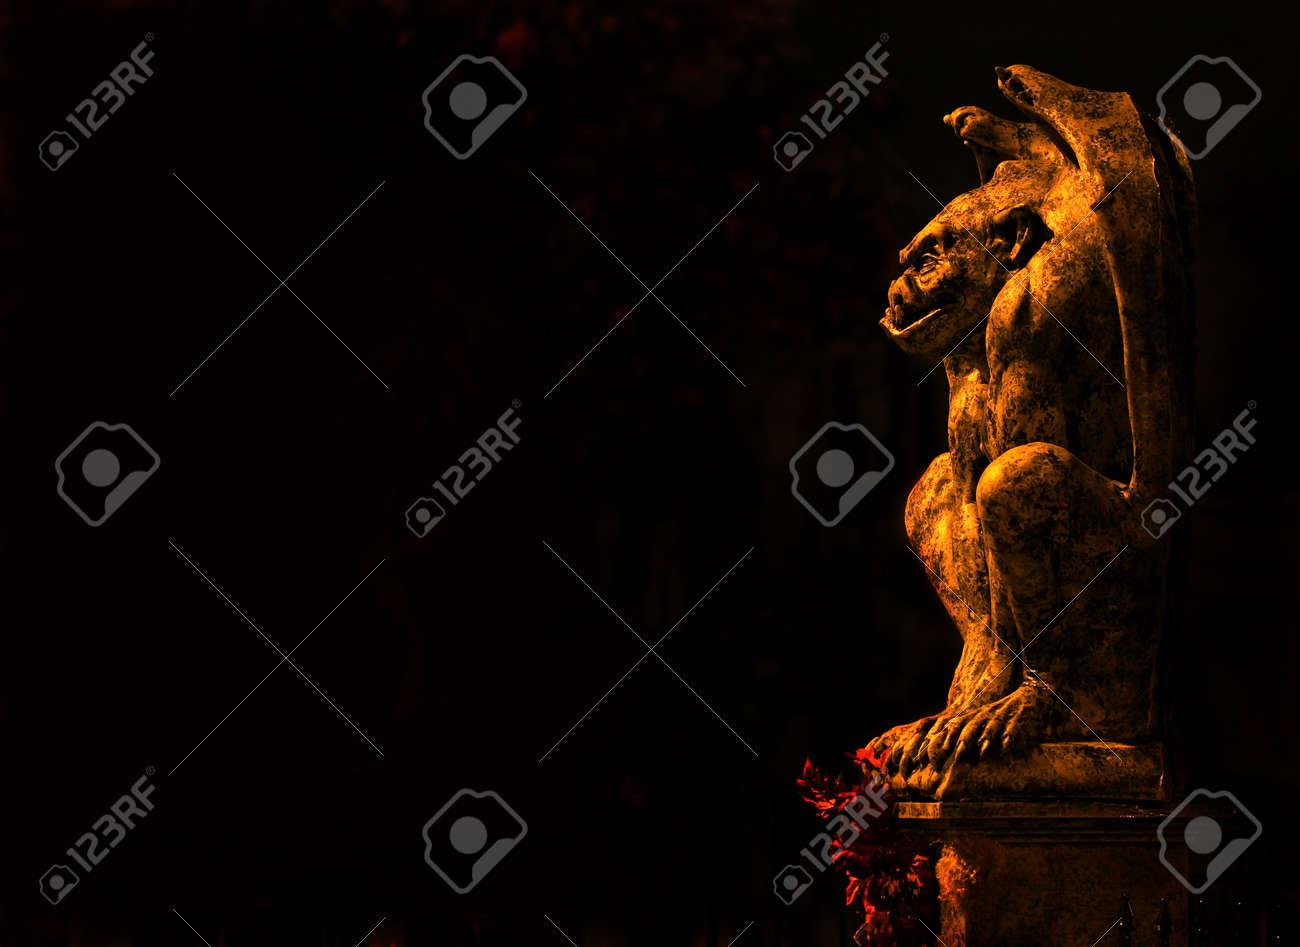 Gargoyle isolated on black background - 21431136